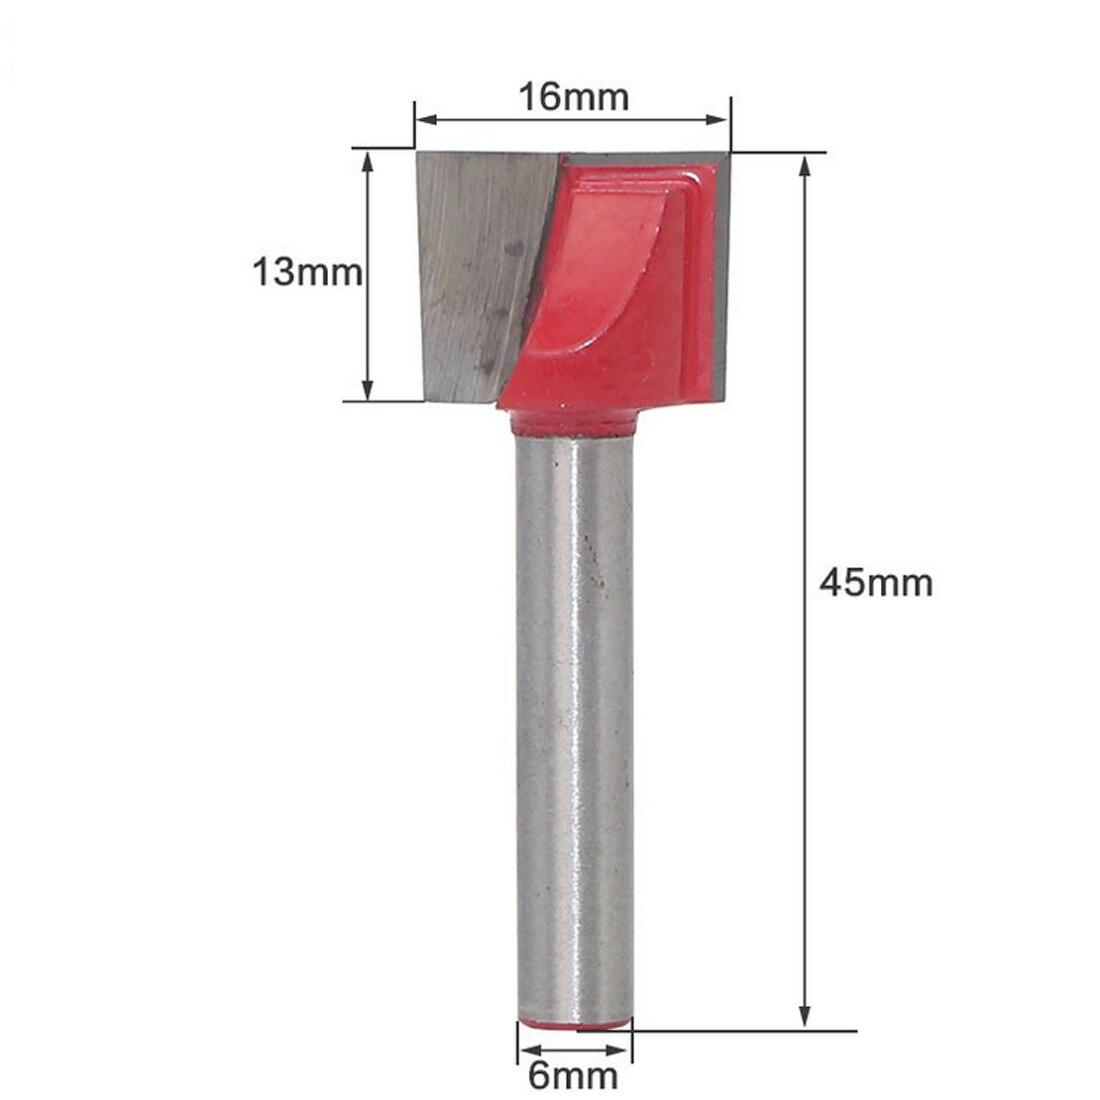 6 мм хвостовик резец по дереву гравировальный Нож хвостовик фрезы Фрезы для резки древесины для мельницы Деревообрабатывающие инструменты 10 мм-32 мм - Длина режущей кромки: 6mm 16mm